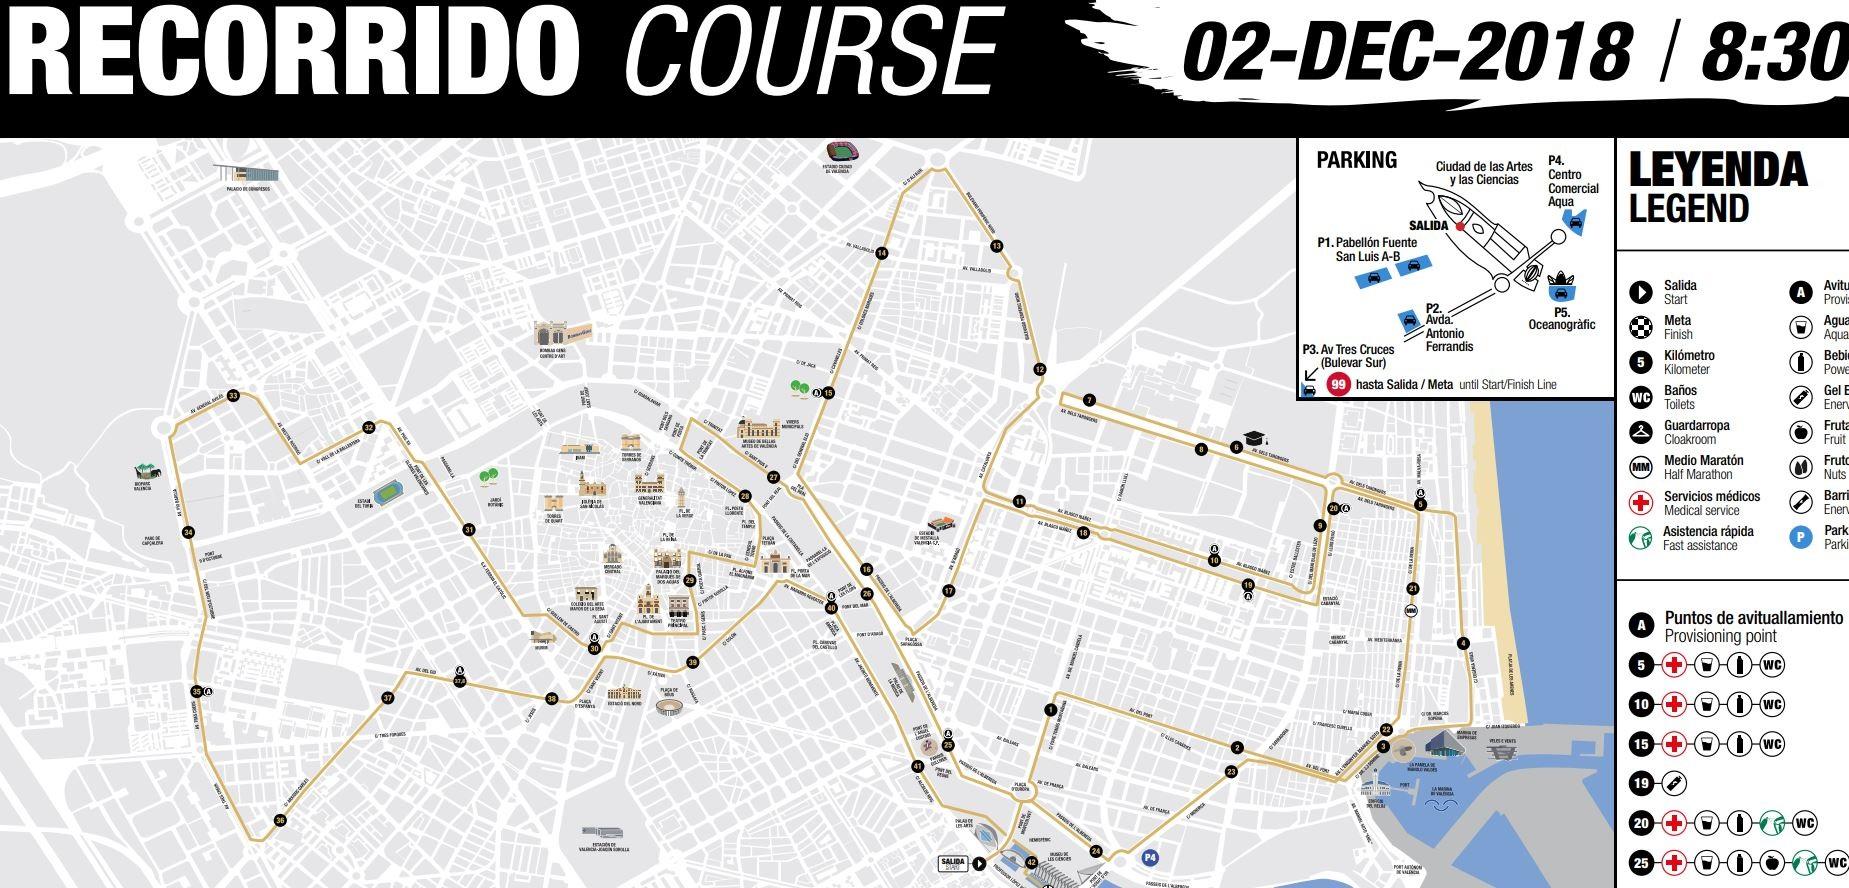 Recorrido Maratón 2018